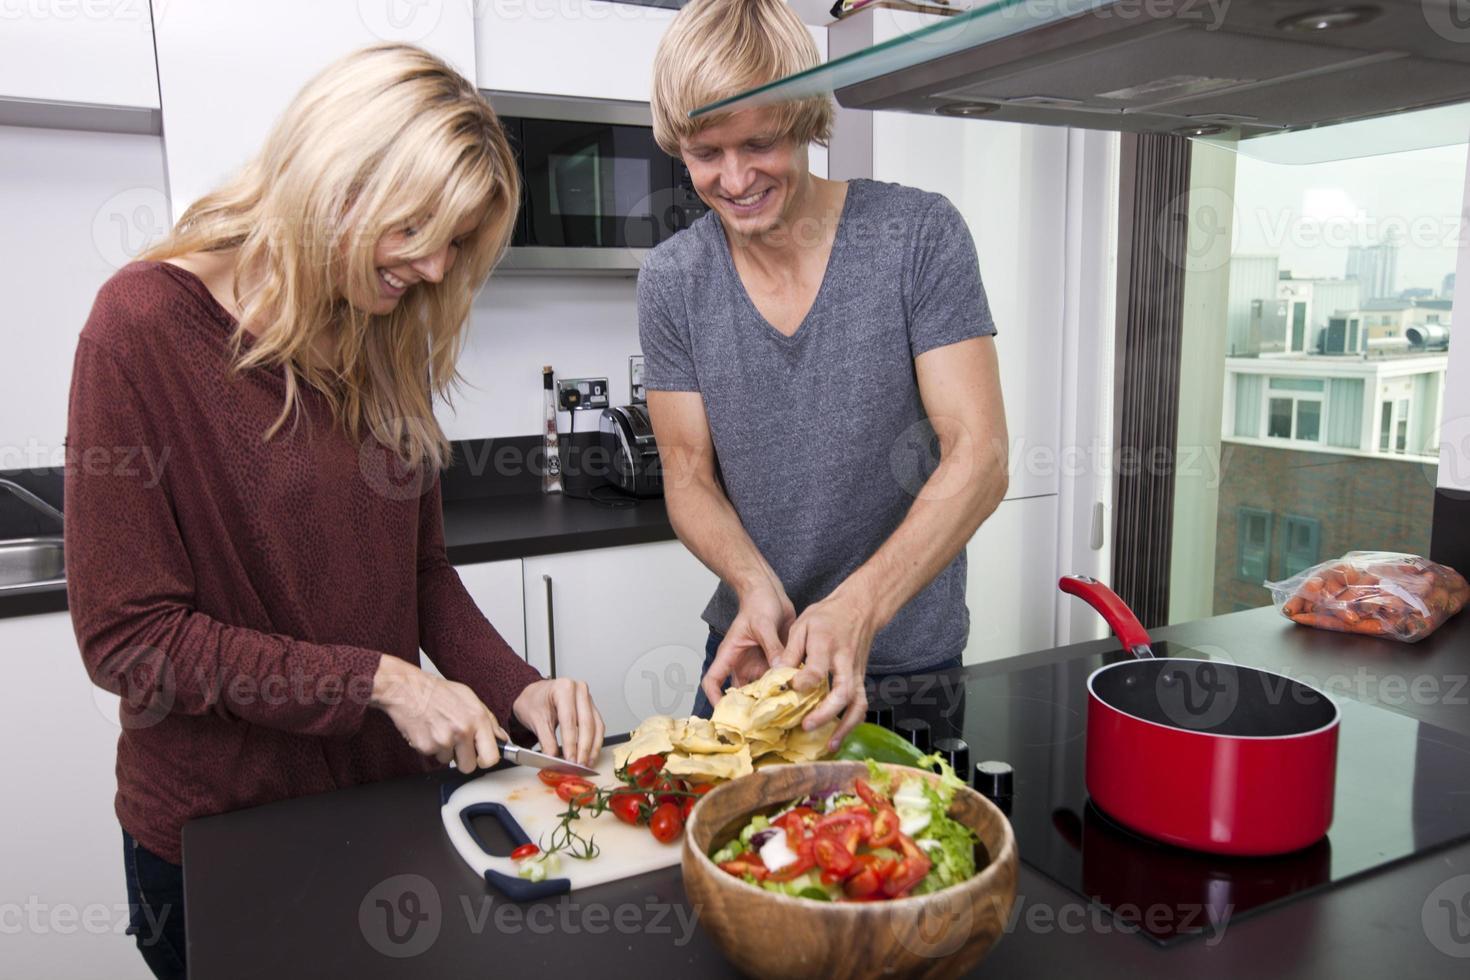 le kaukasiska par som lagar mat tillsammans i köket foto